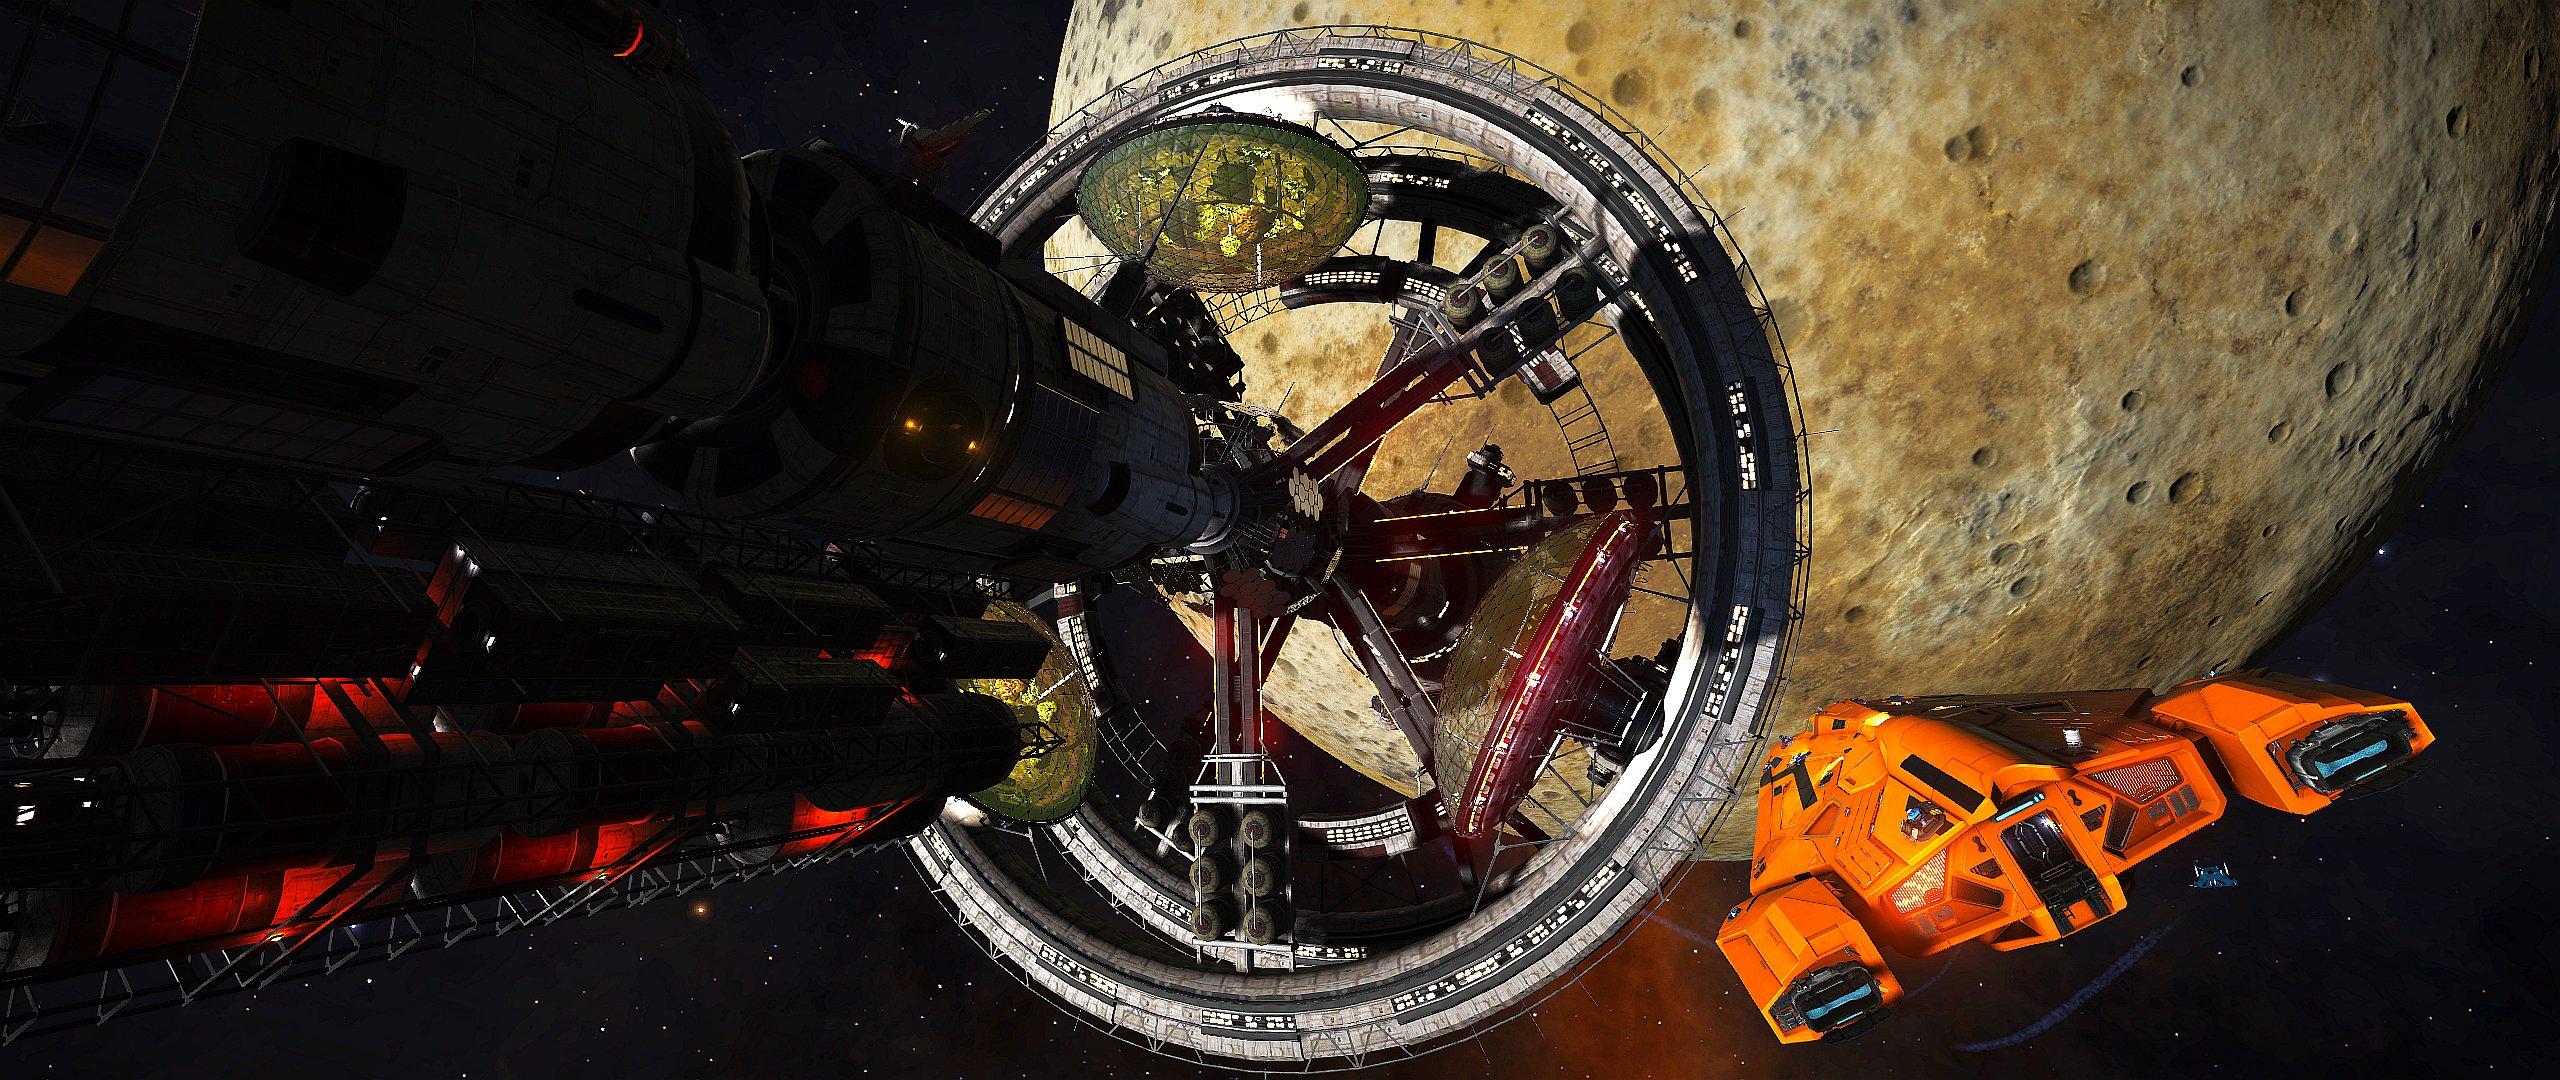 La présence de méga-vaisseaux n'aura pas empêché la victoire de la Flotte Impériale